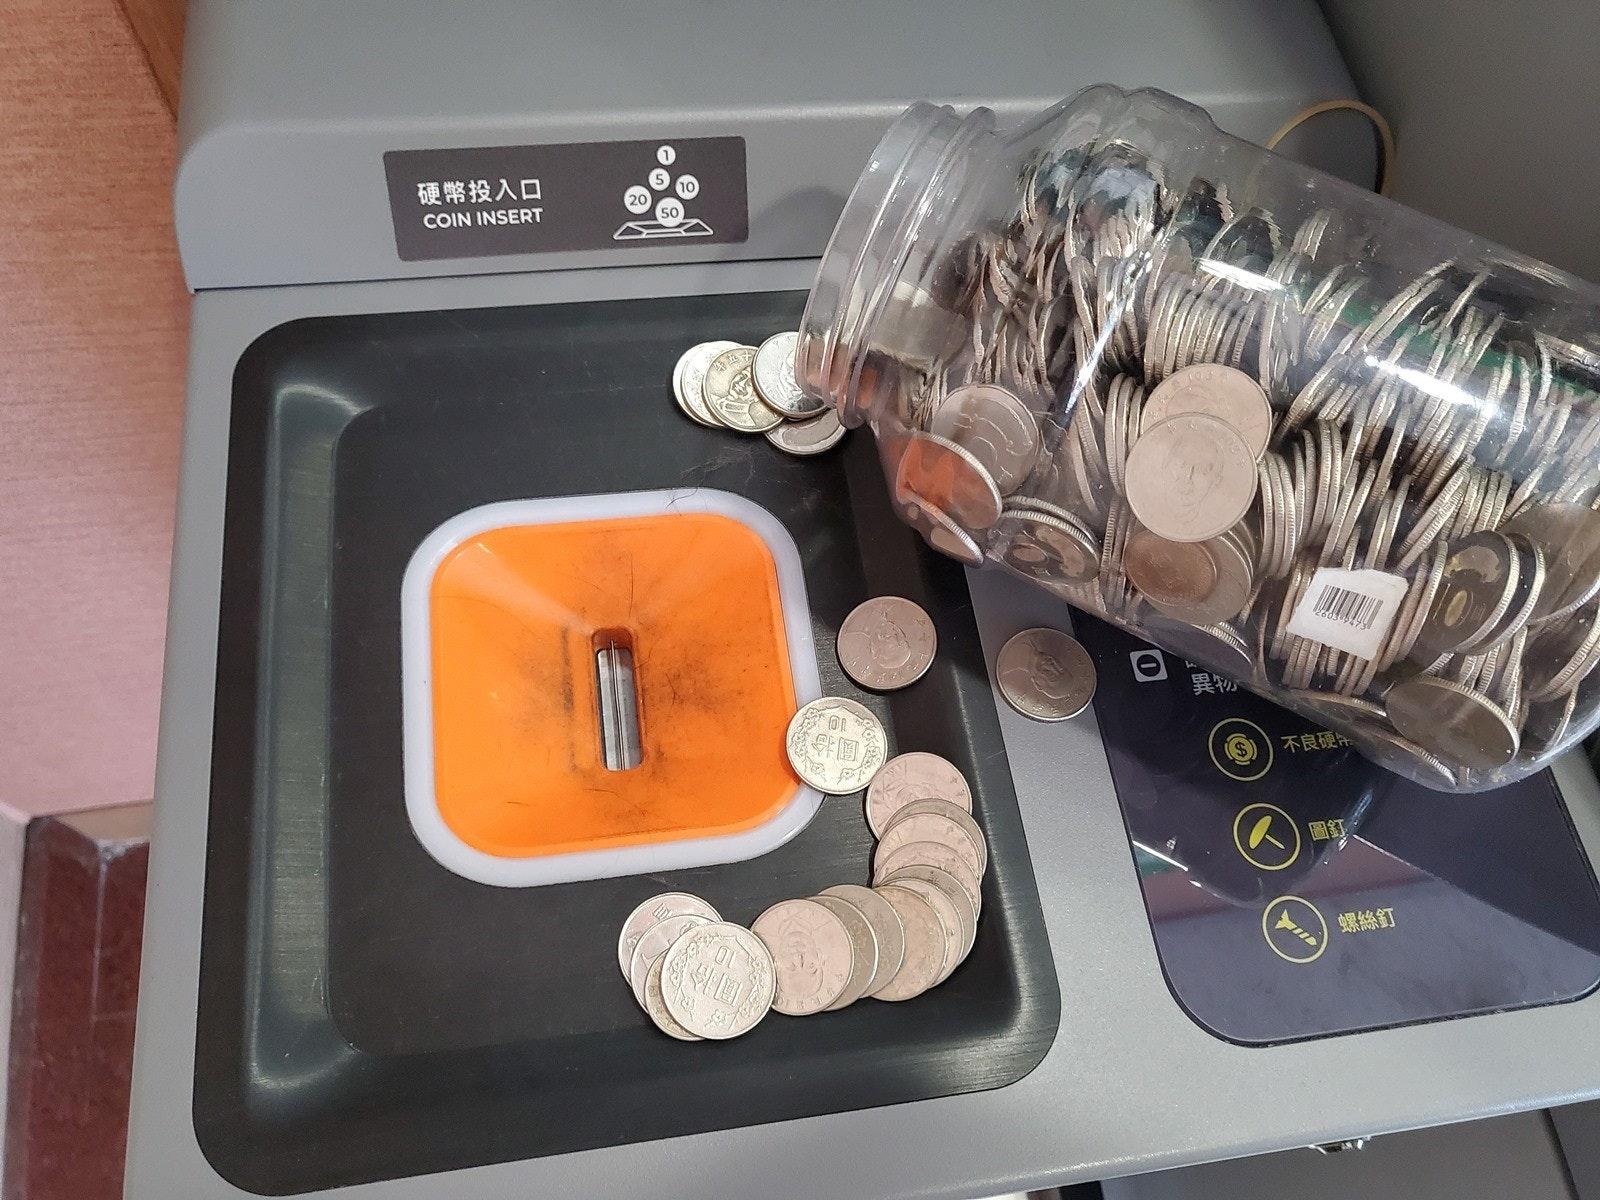 照片中提到了硬幣投入口、10、COIN INSERT,包含了產品設計、產品、設計